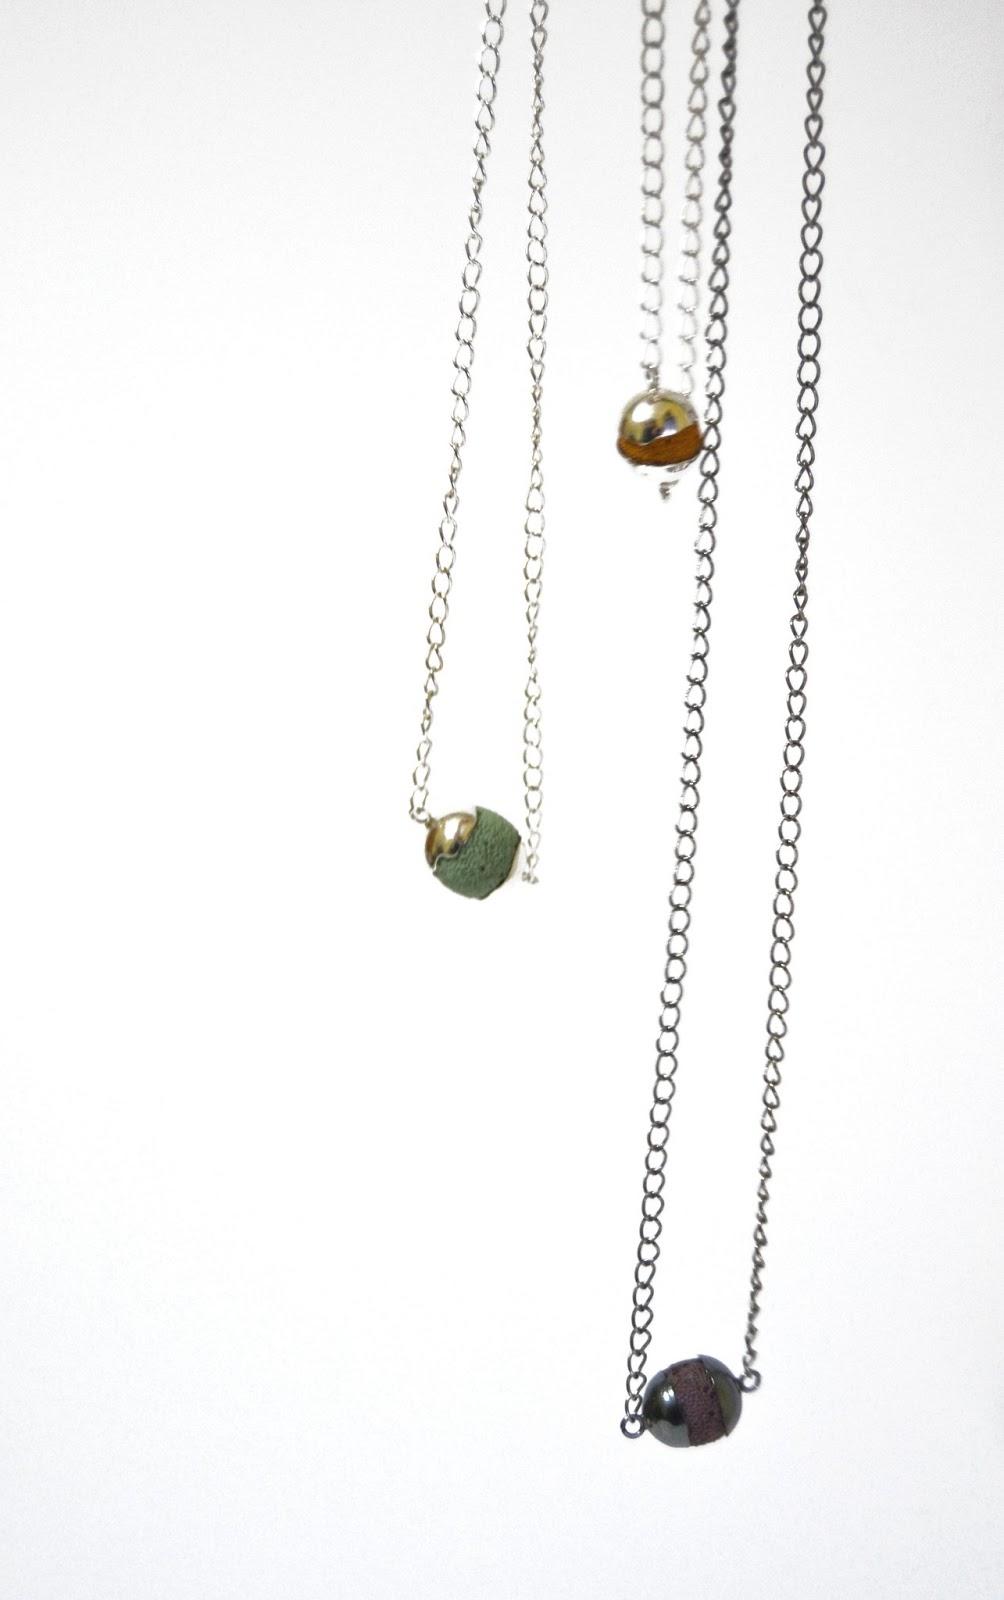 Collar Simple Colección Sombra de xoias meniNas. Sandra de Jesus